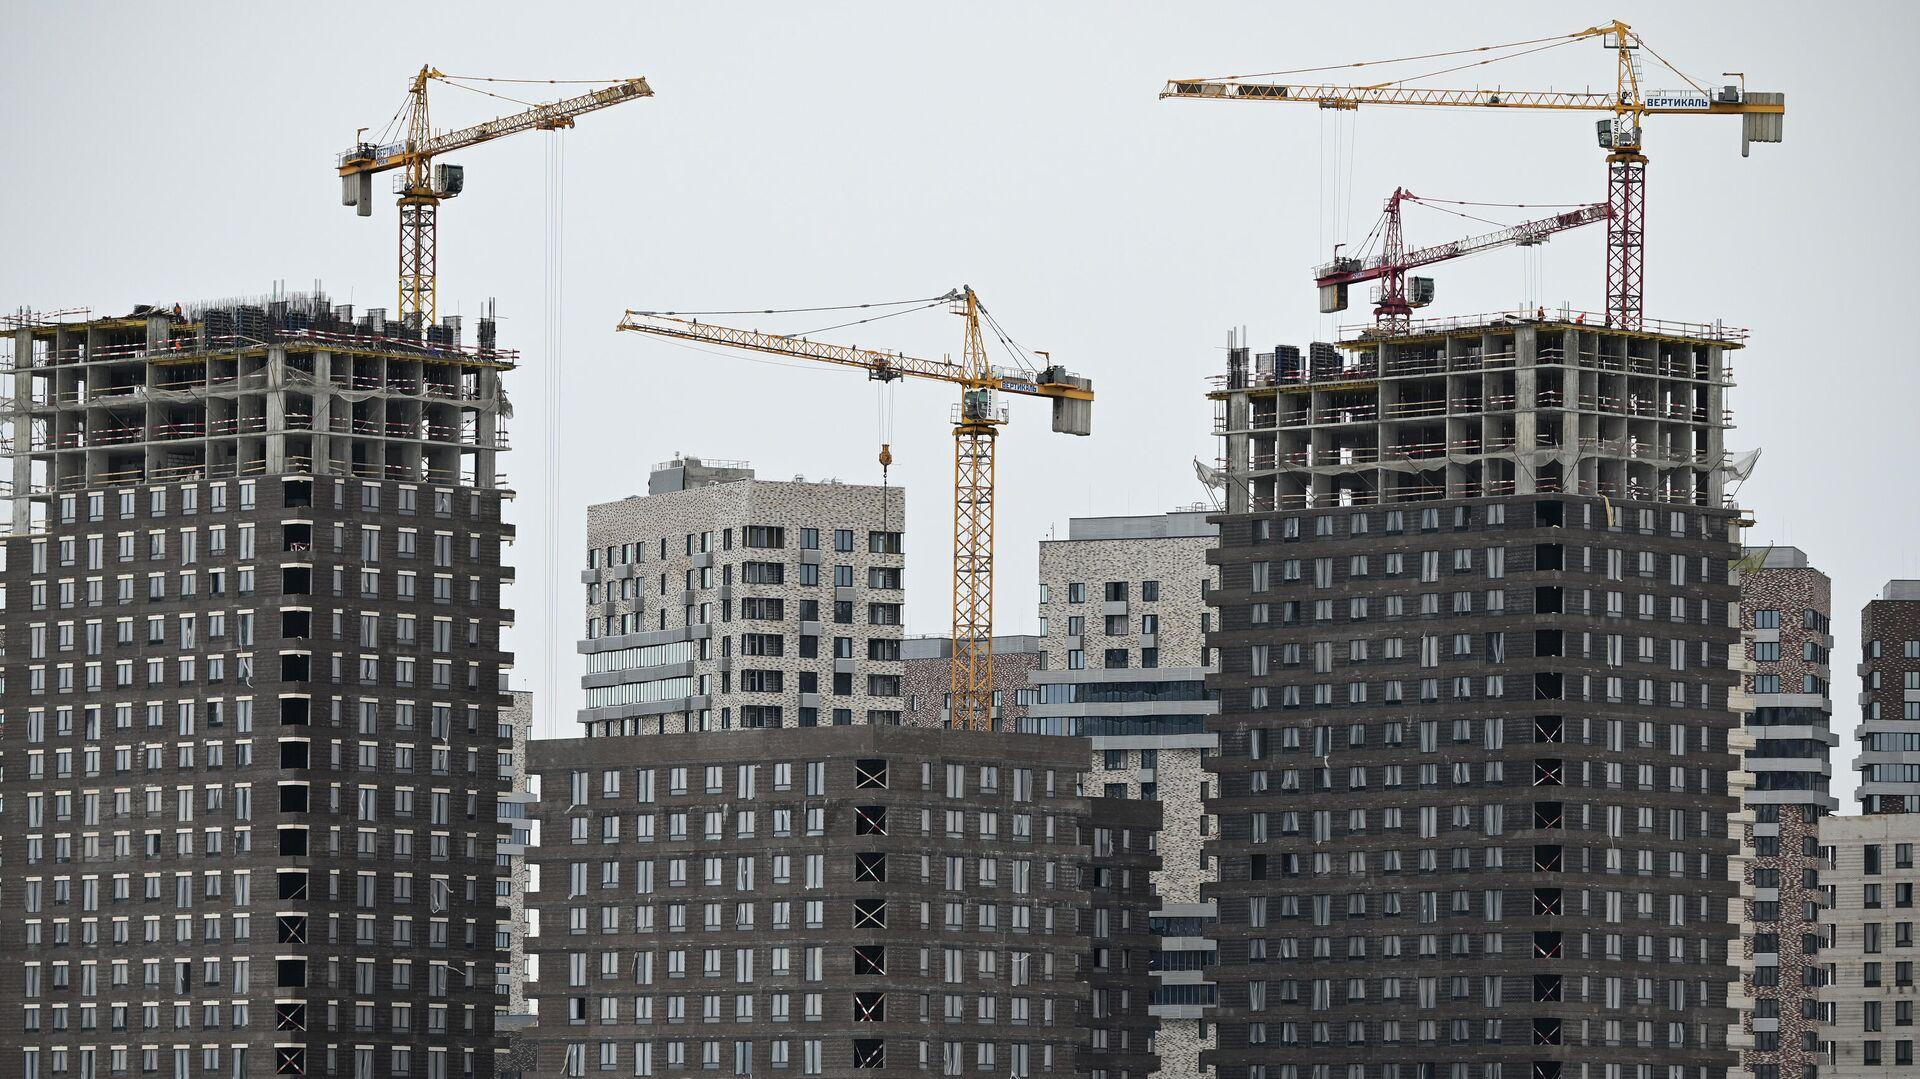 Строительство жилья - РИА Новости, 1920, 26.07.2021